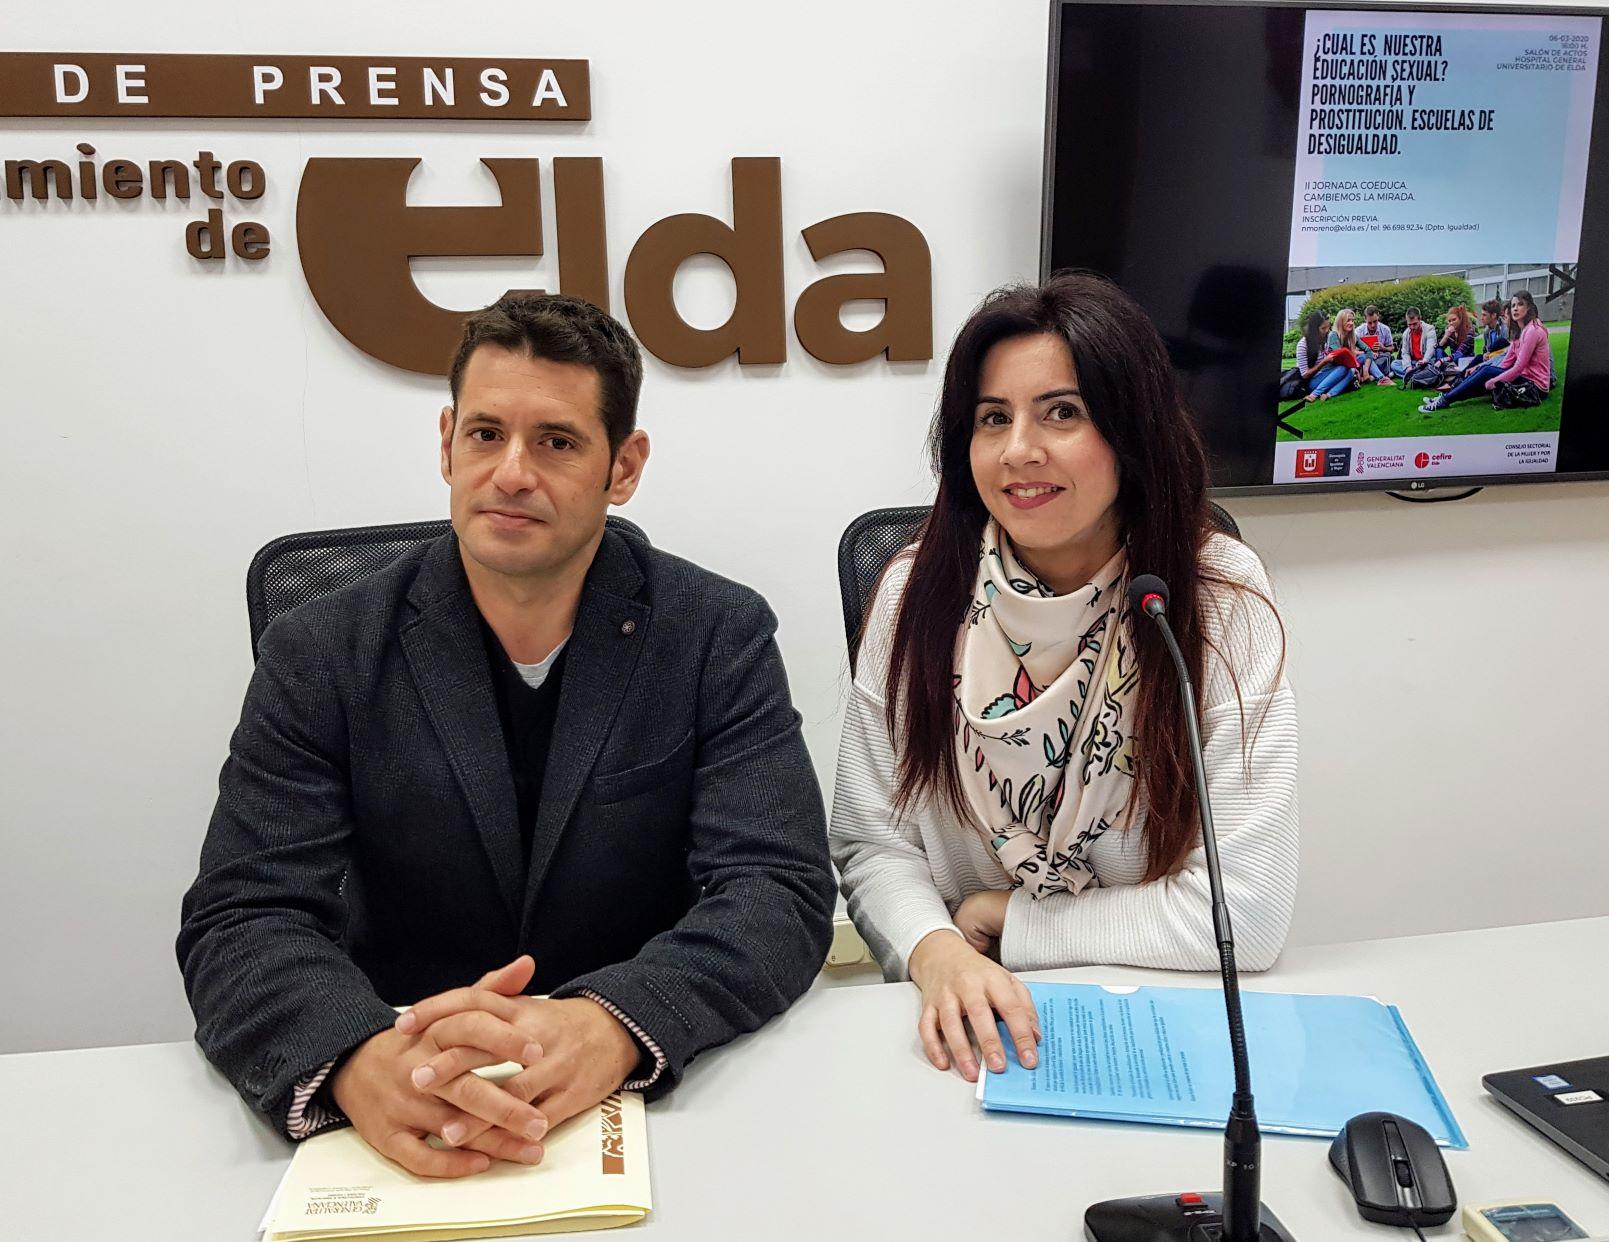 La Concejalía de Igualdad y el Cefire de Elda organizan las II Jornadas Coeduca 'Cambiemos la Mirada'